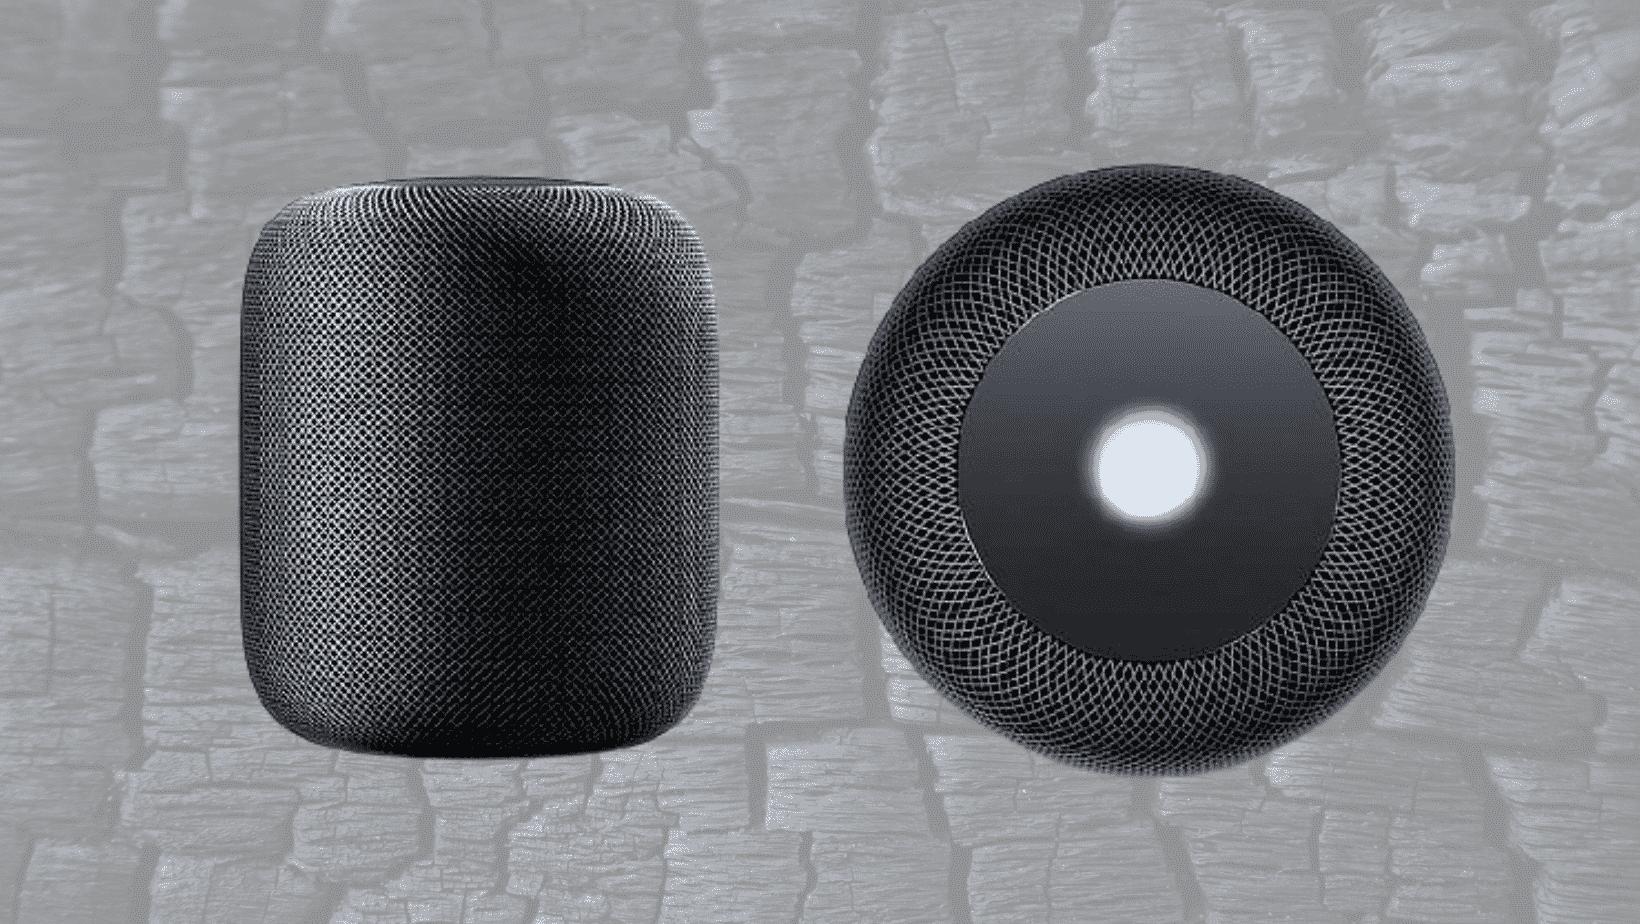 9 Best Smart Speakers in 2021